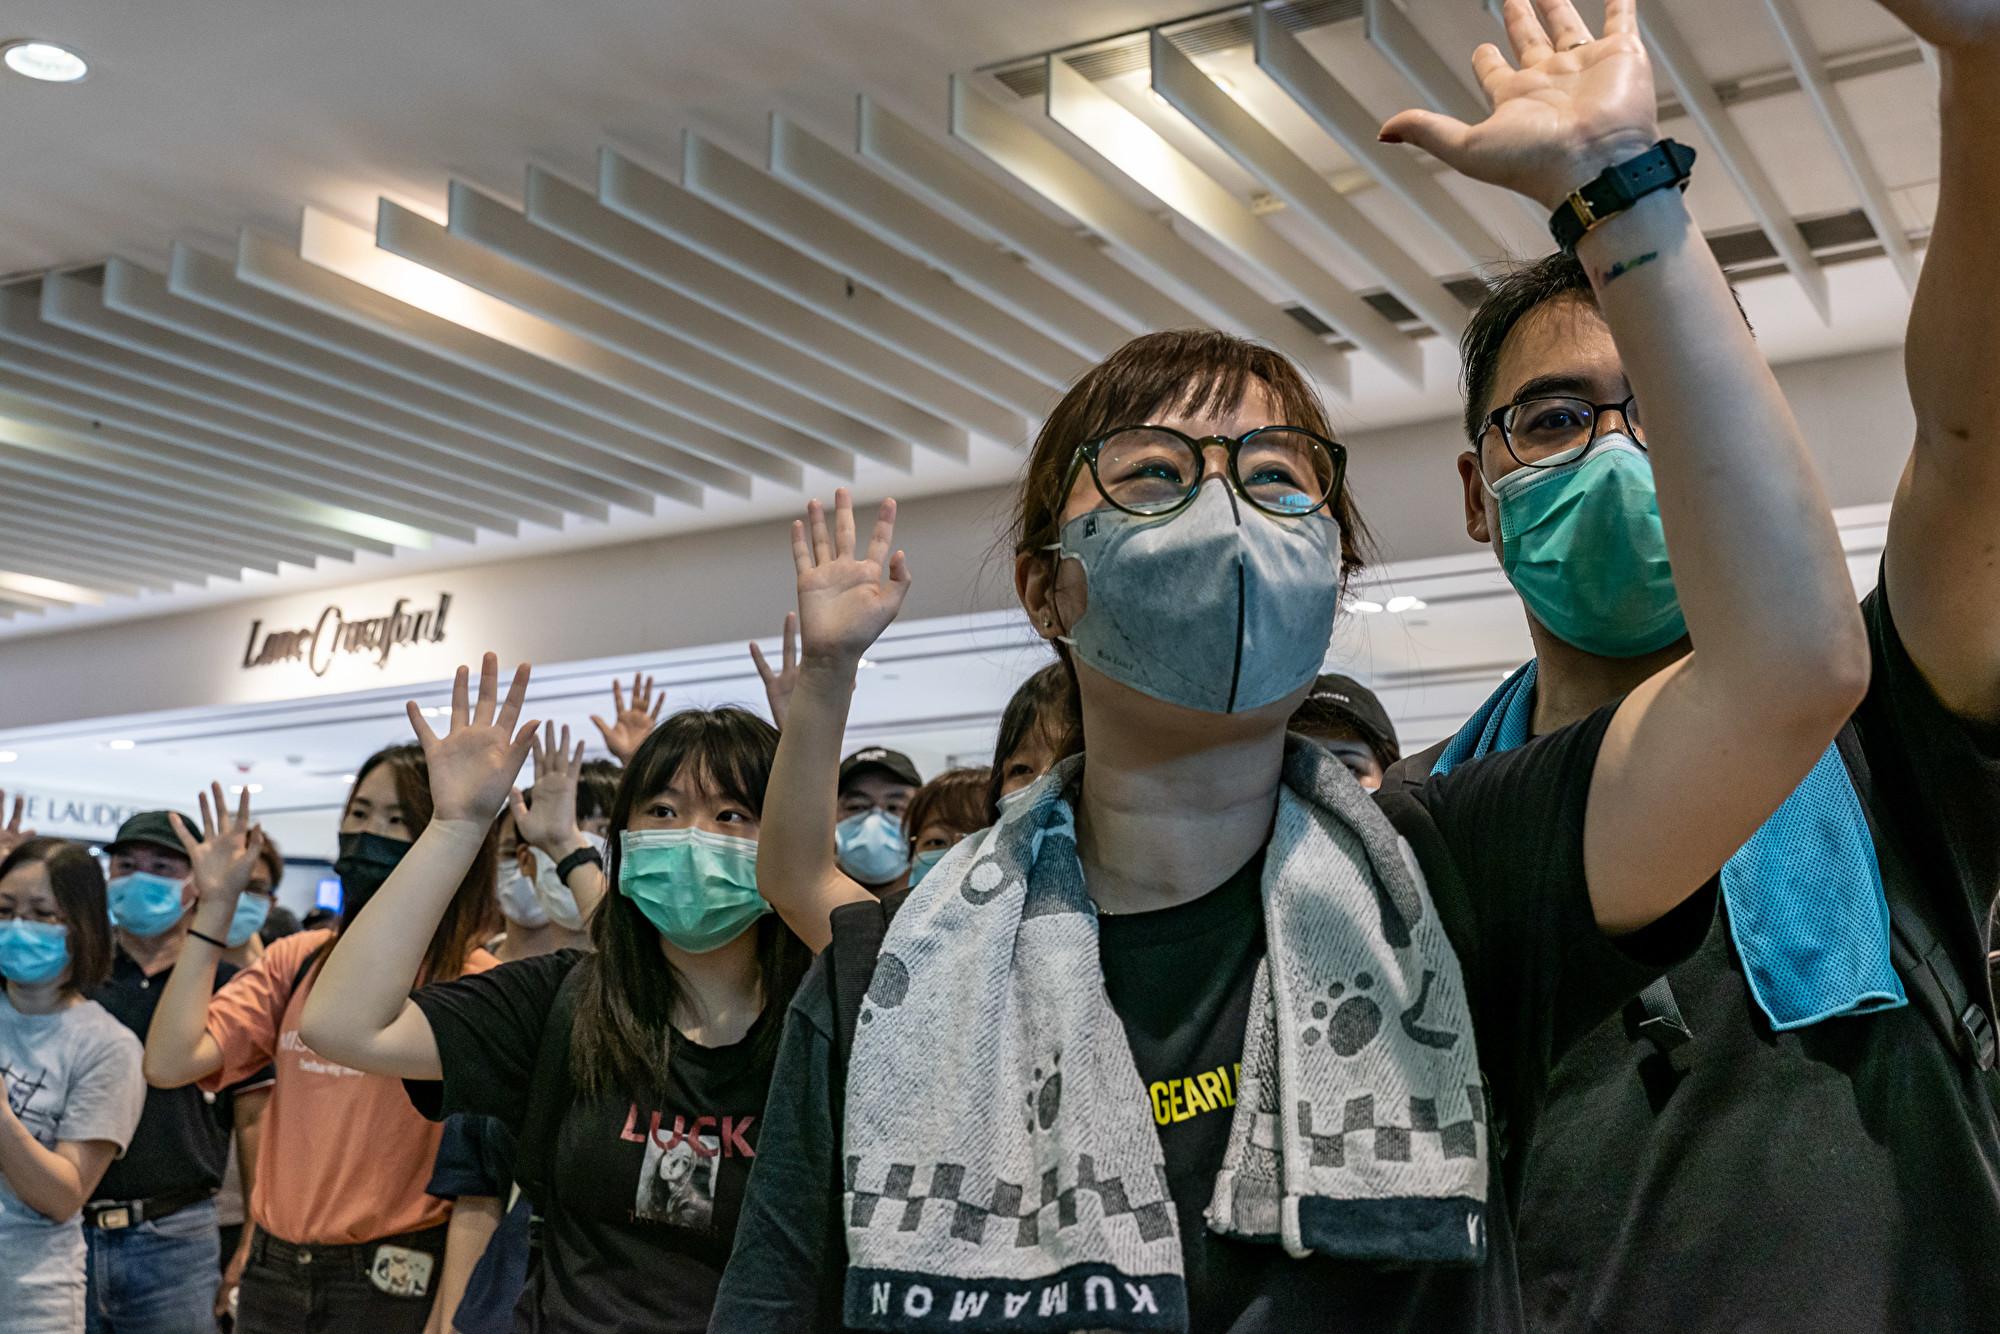 港版國安法撼動港金融地位 外媒:恐掀逃難潮